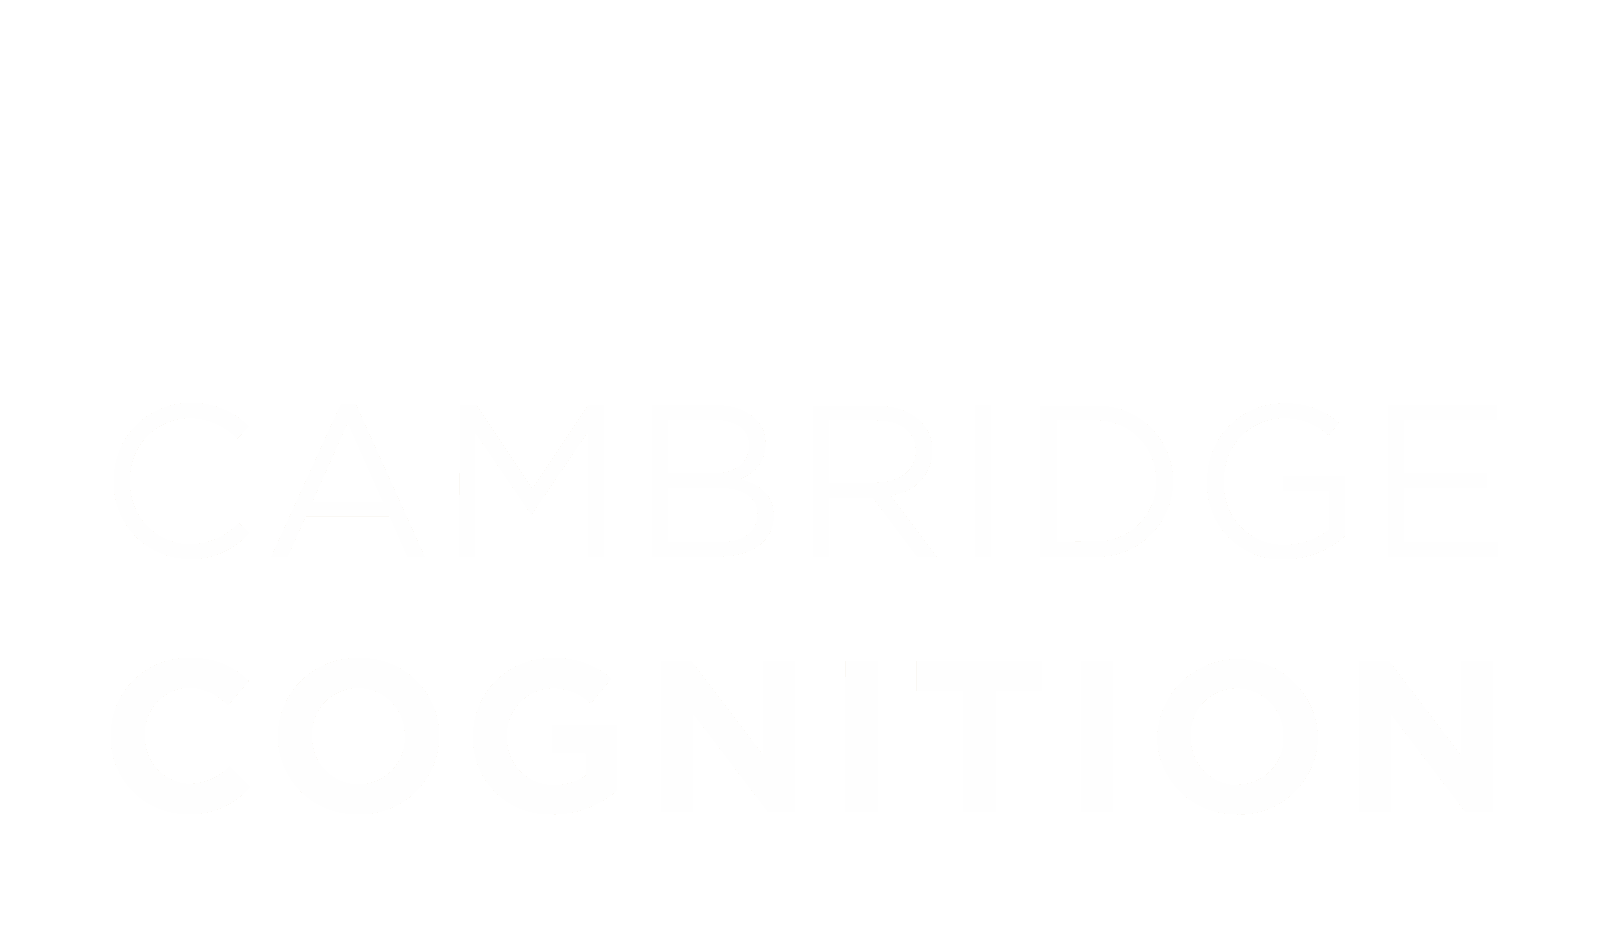 Cambridge Cognition